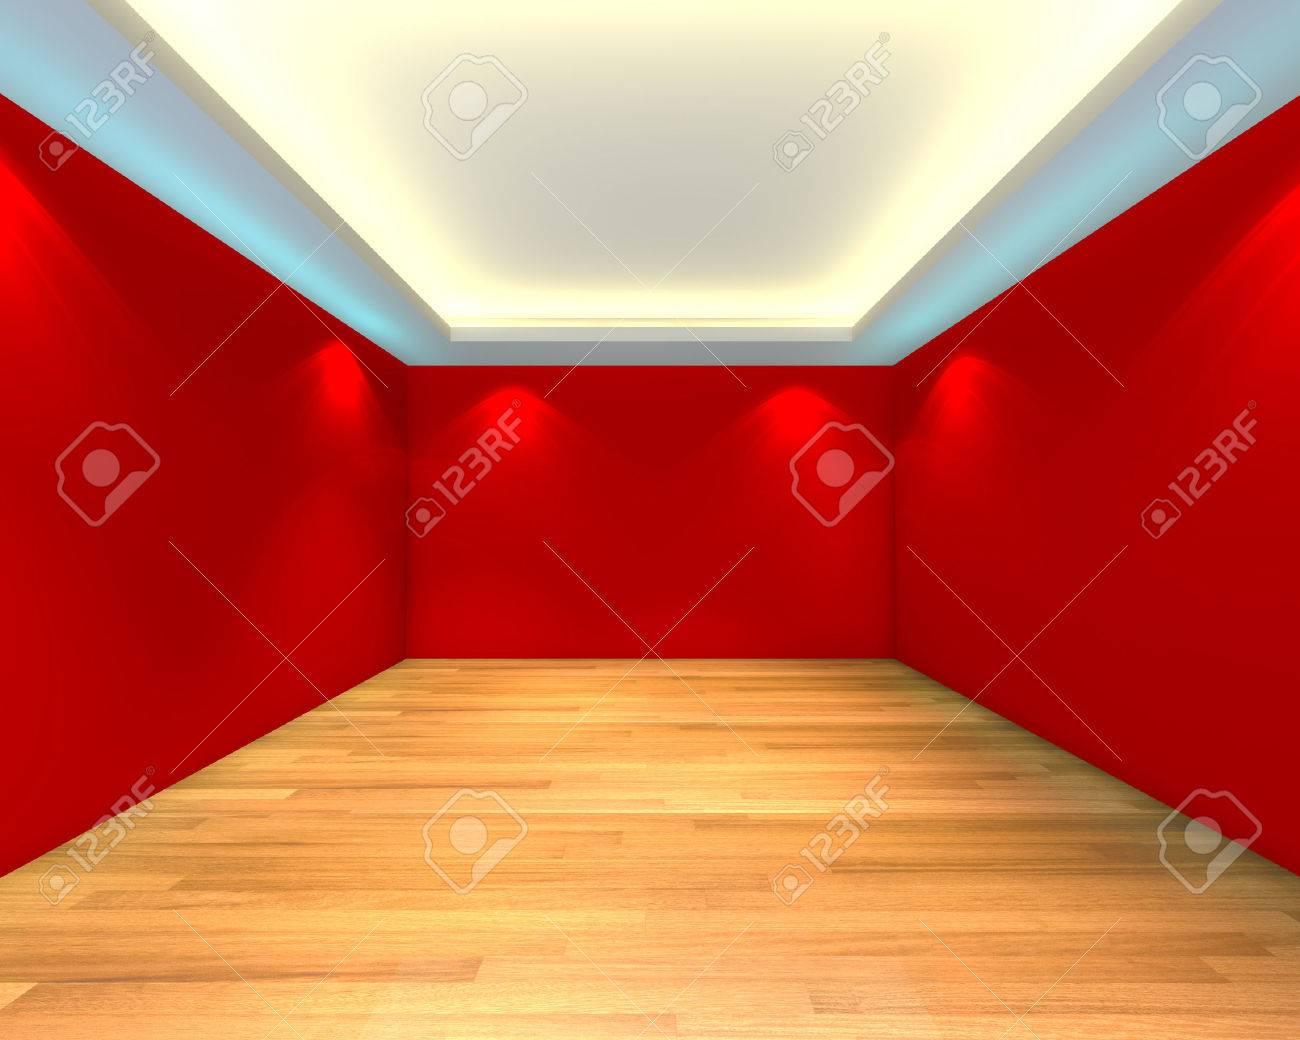 accueil interieur rendu par la chambre vide de couleur rouge et le mur decore avec des planchers en bois